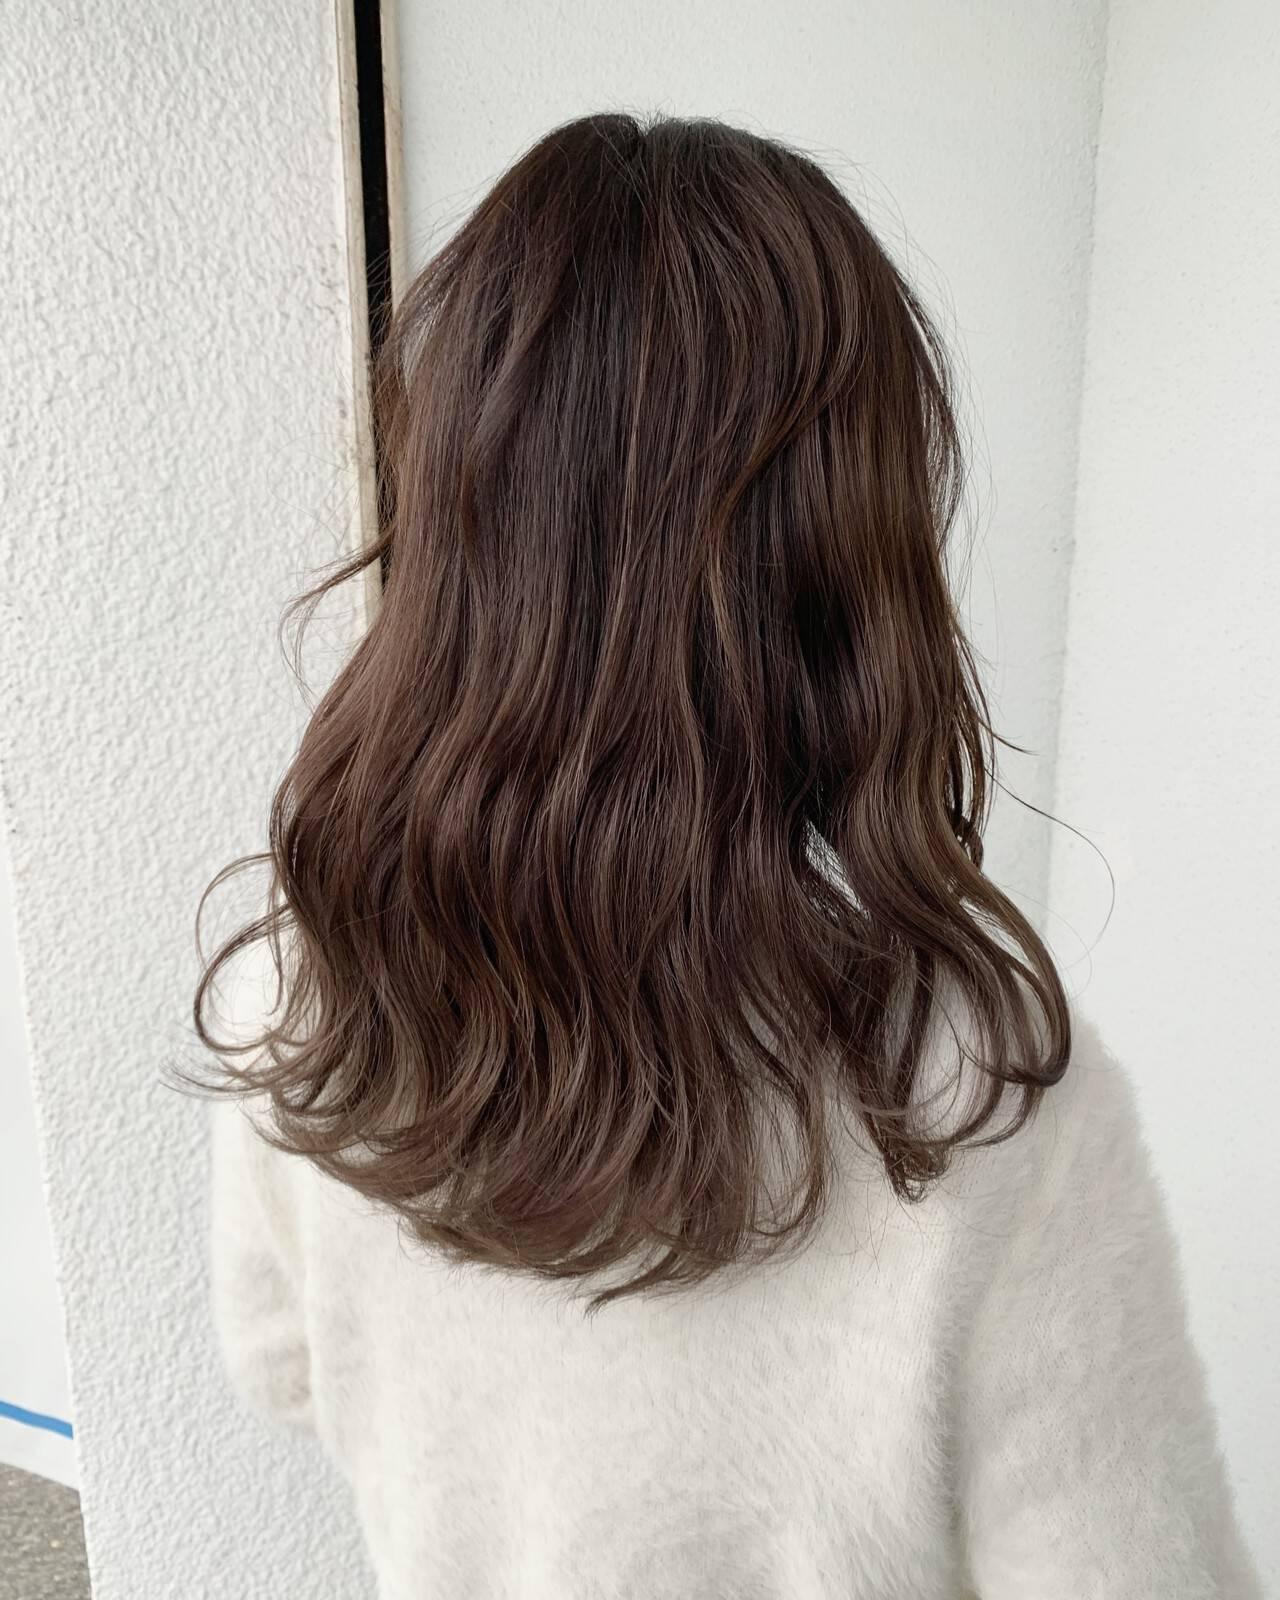 セミロング ナチュラル ナチュラル可愛い ゆるナチュラルヘアスタイルや髪型の写真・画像